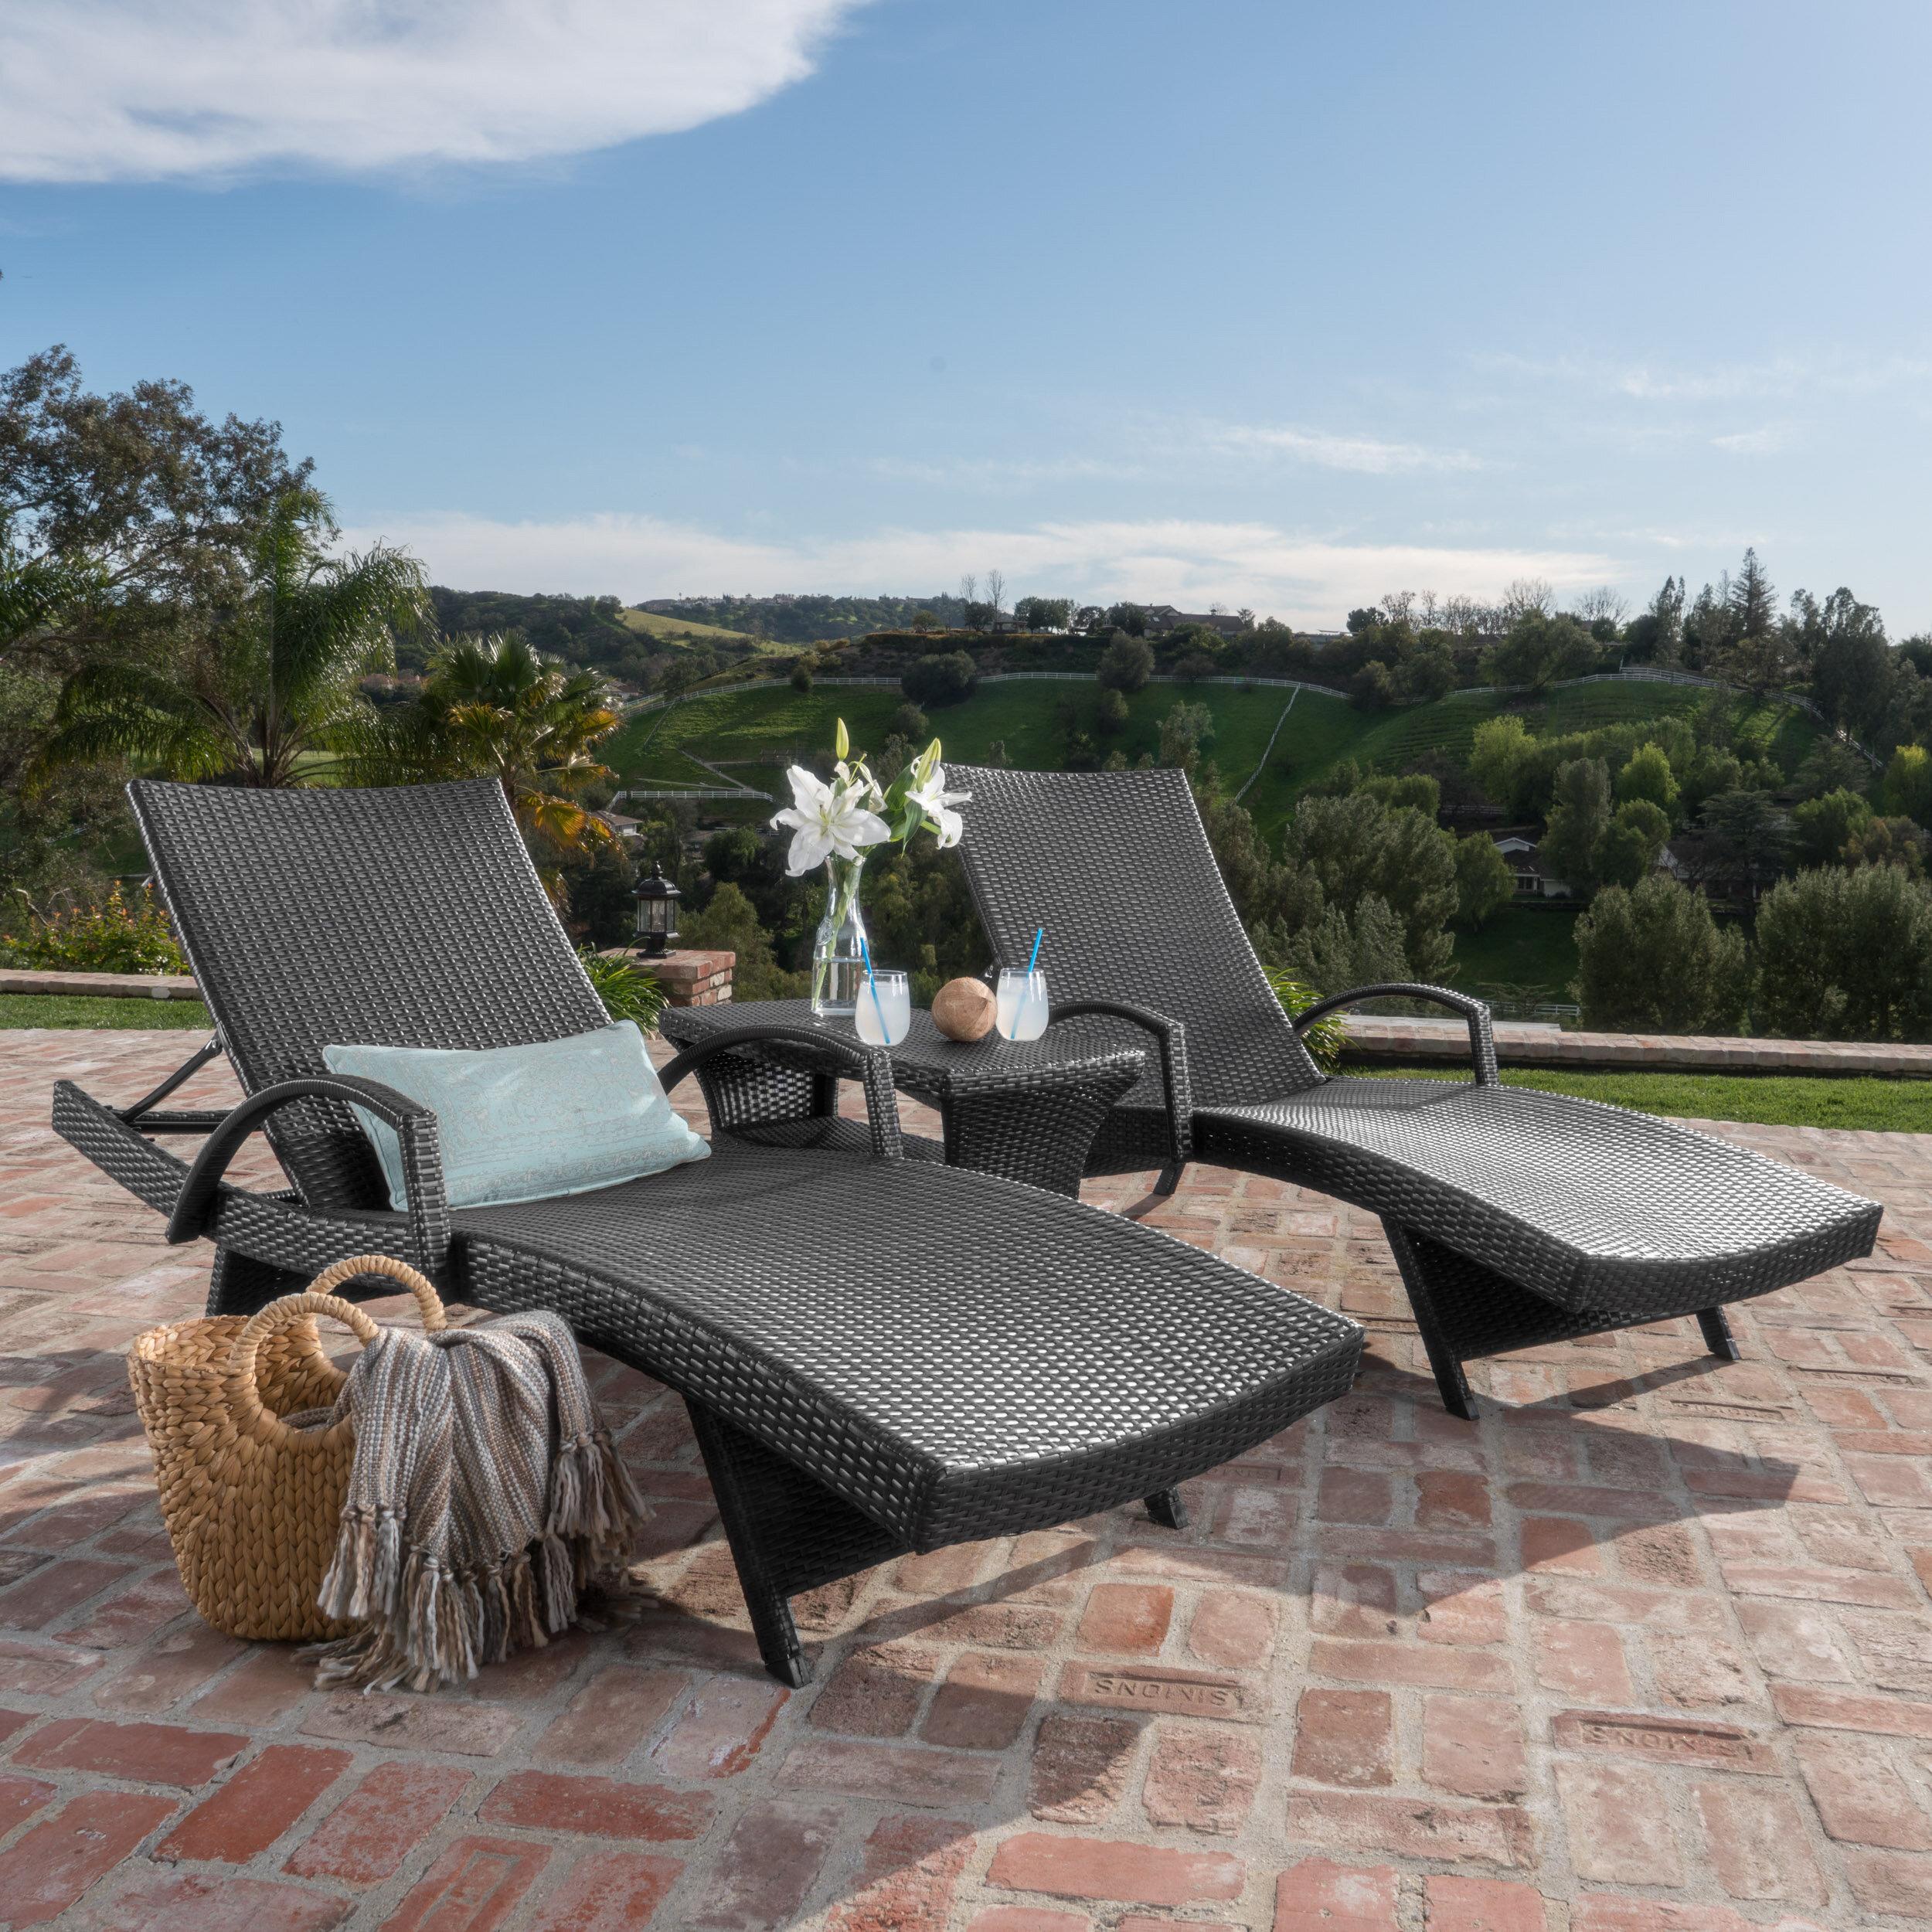 Rebello Sun Lounger Set with Table